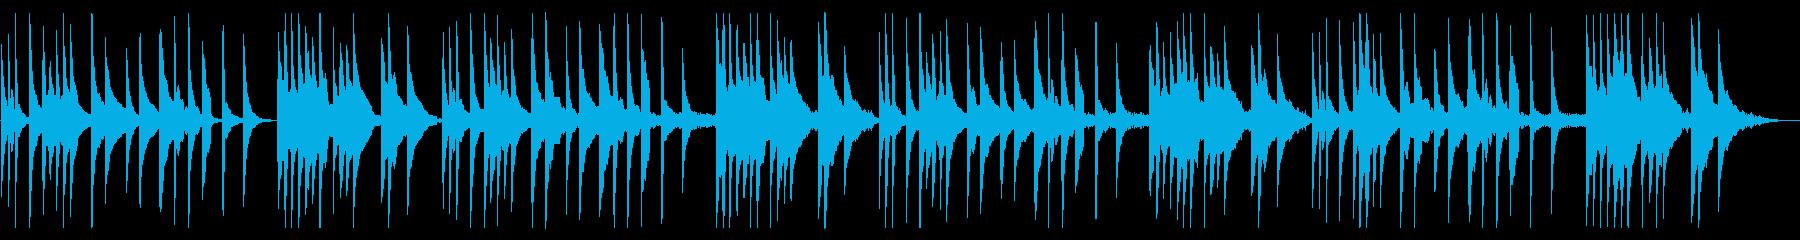 落ち着いた小編成のギター曲の再生済みの波形